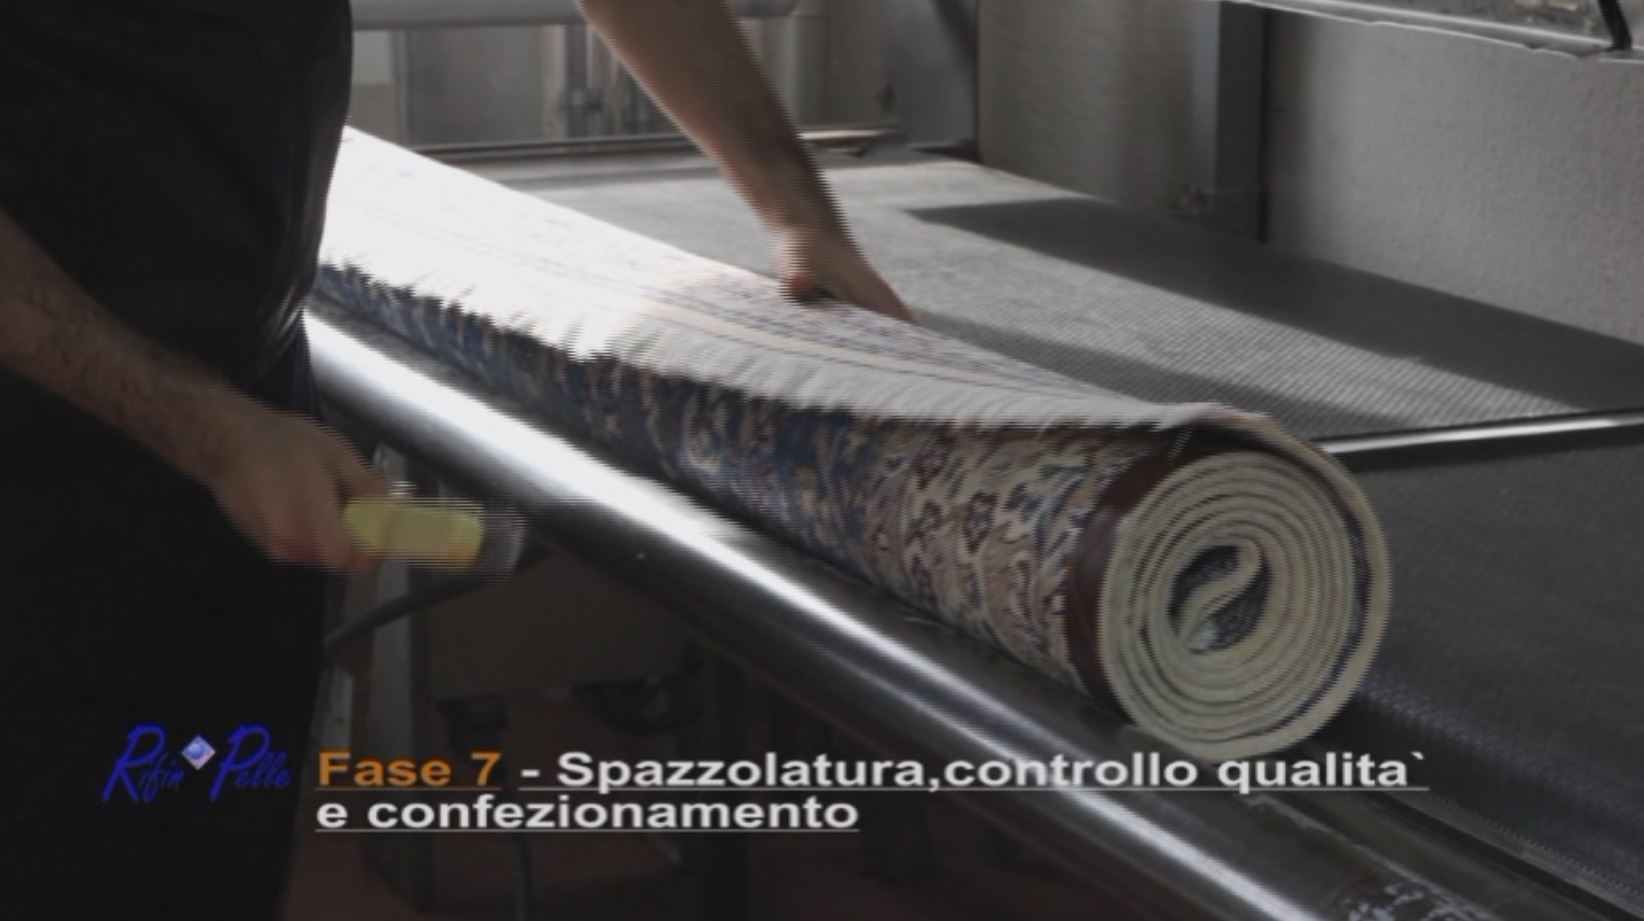 Spazzolatura,controllo qualità e confezionamento